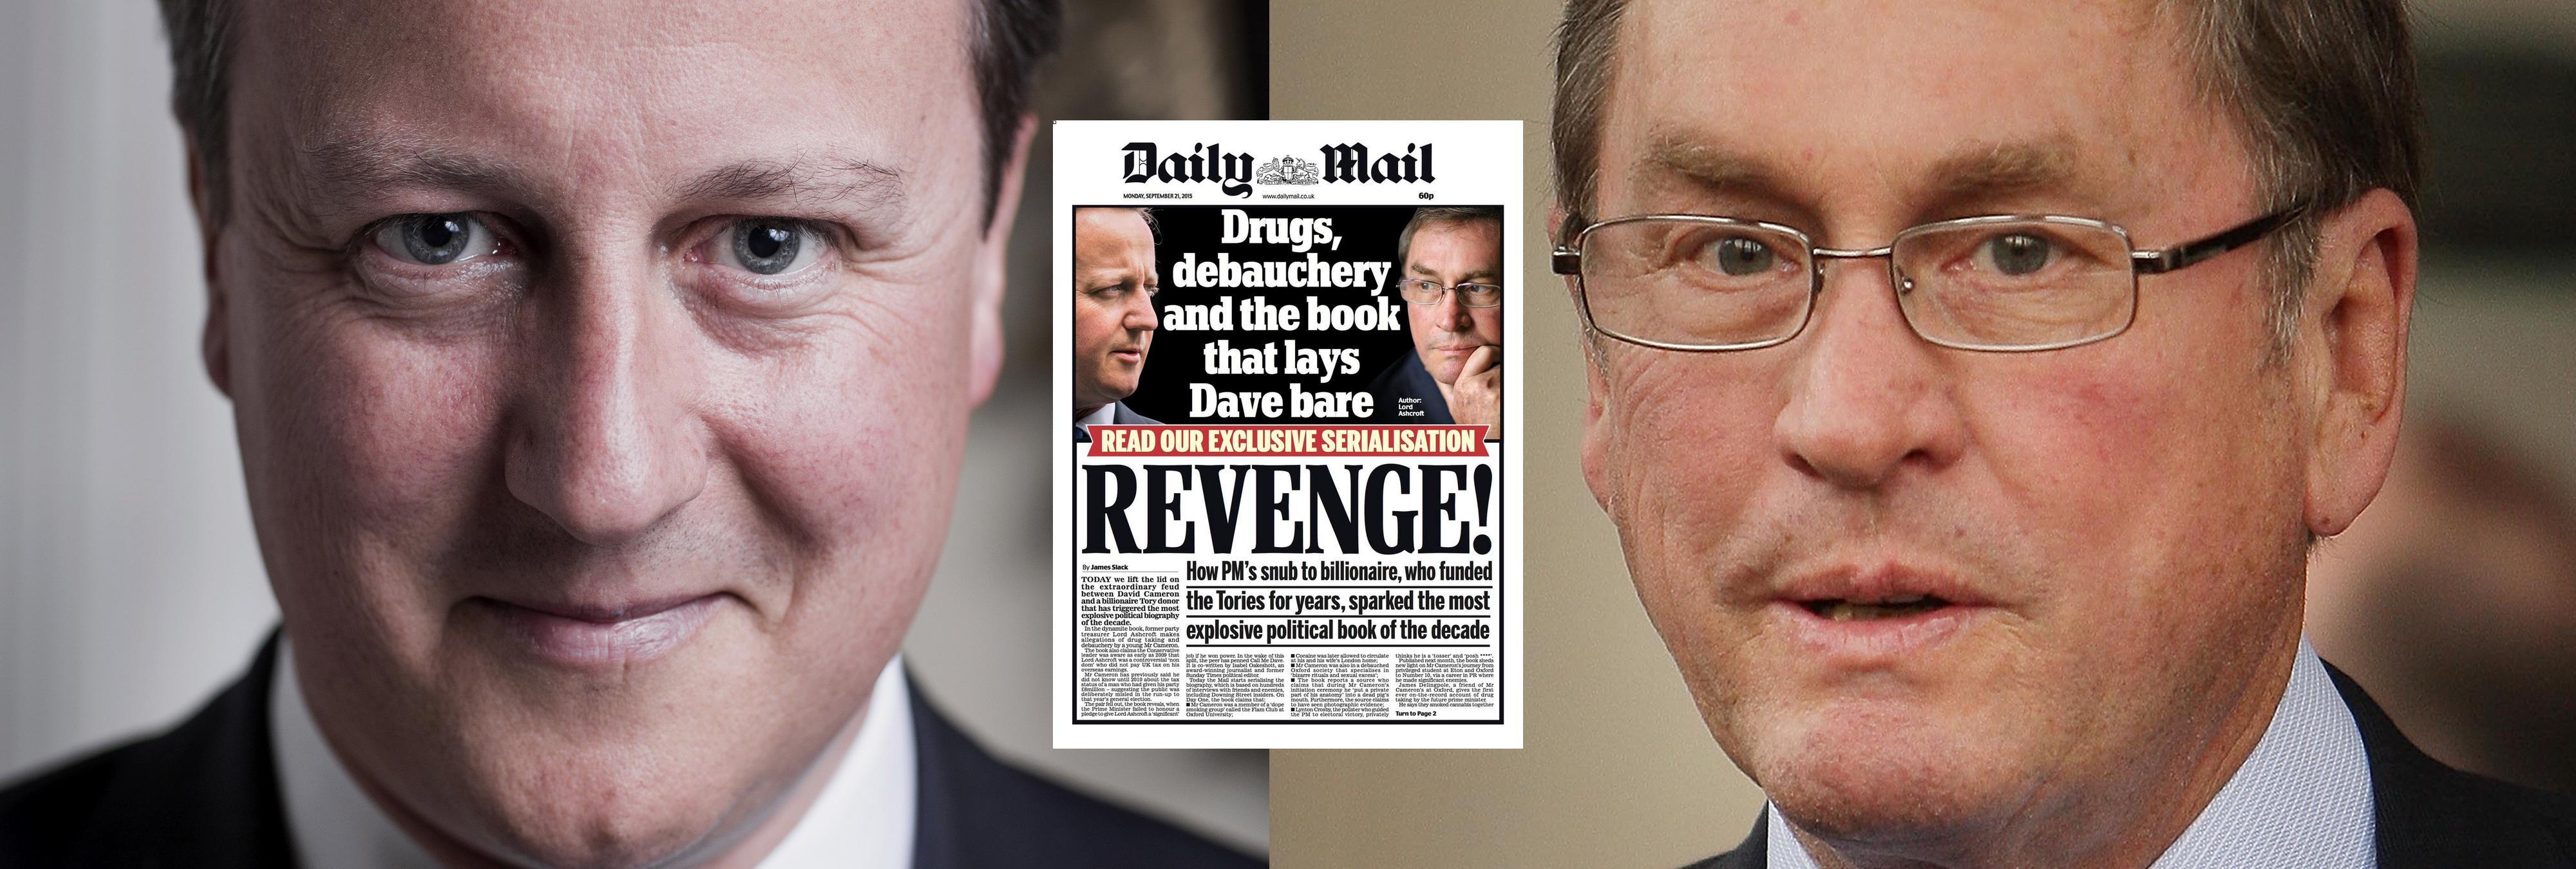 El escándalo sexual de David Cameron y el cerdo, paso a paso